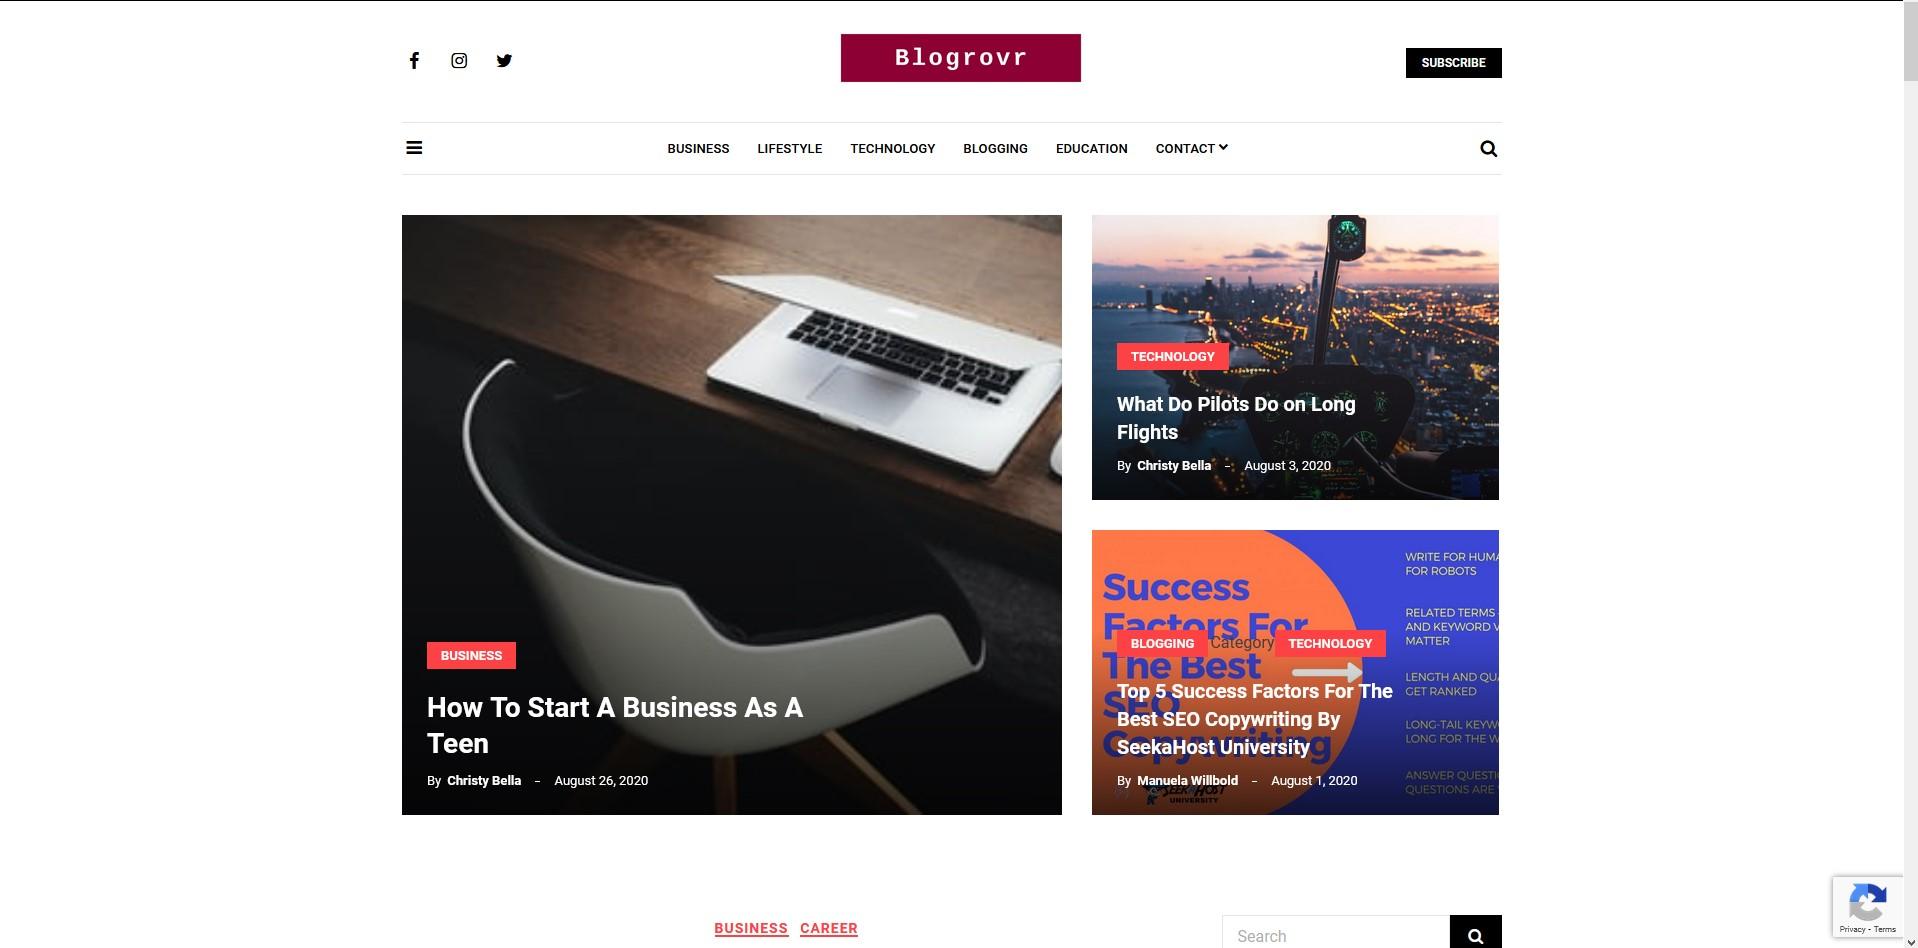 blogrovr.com